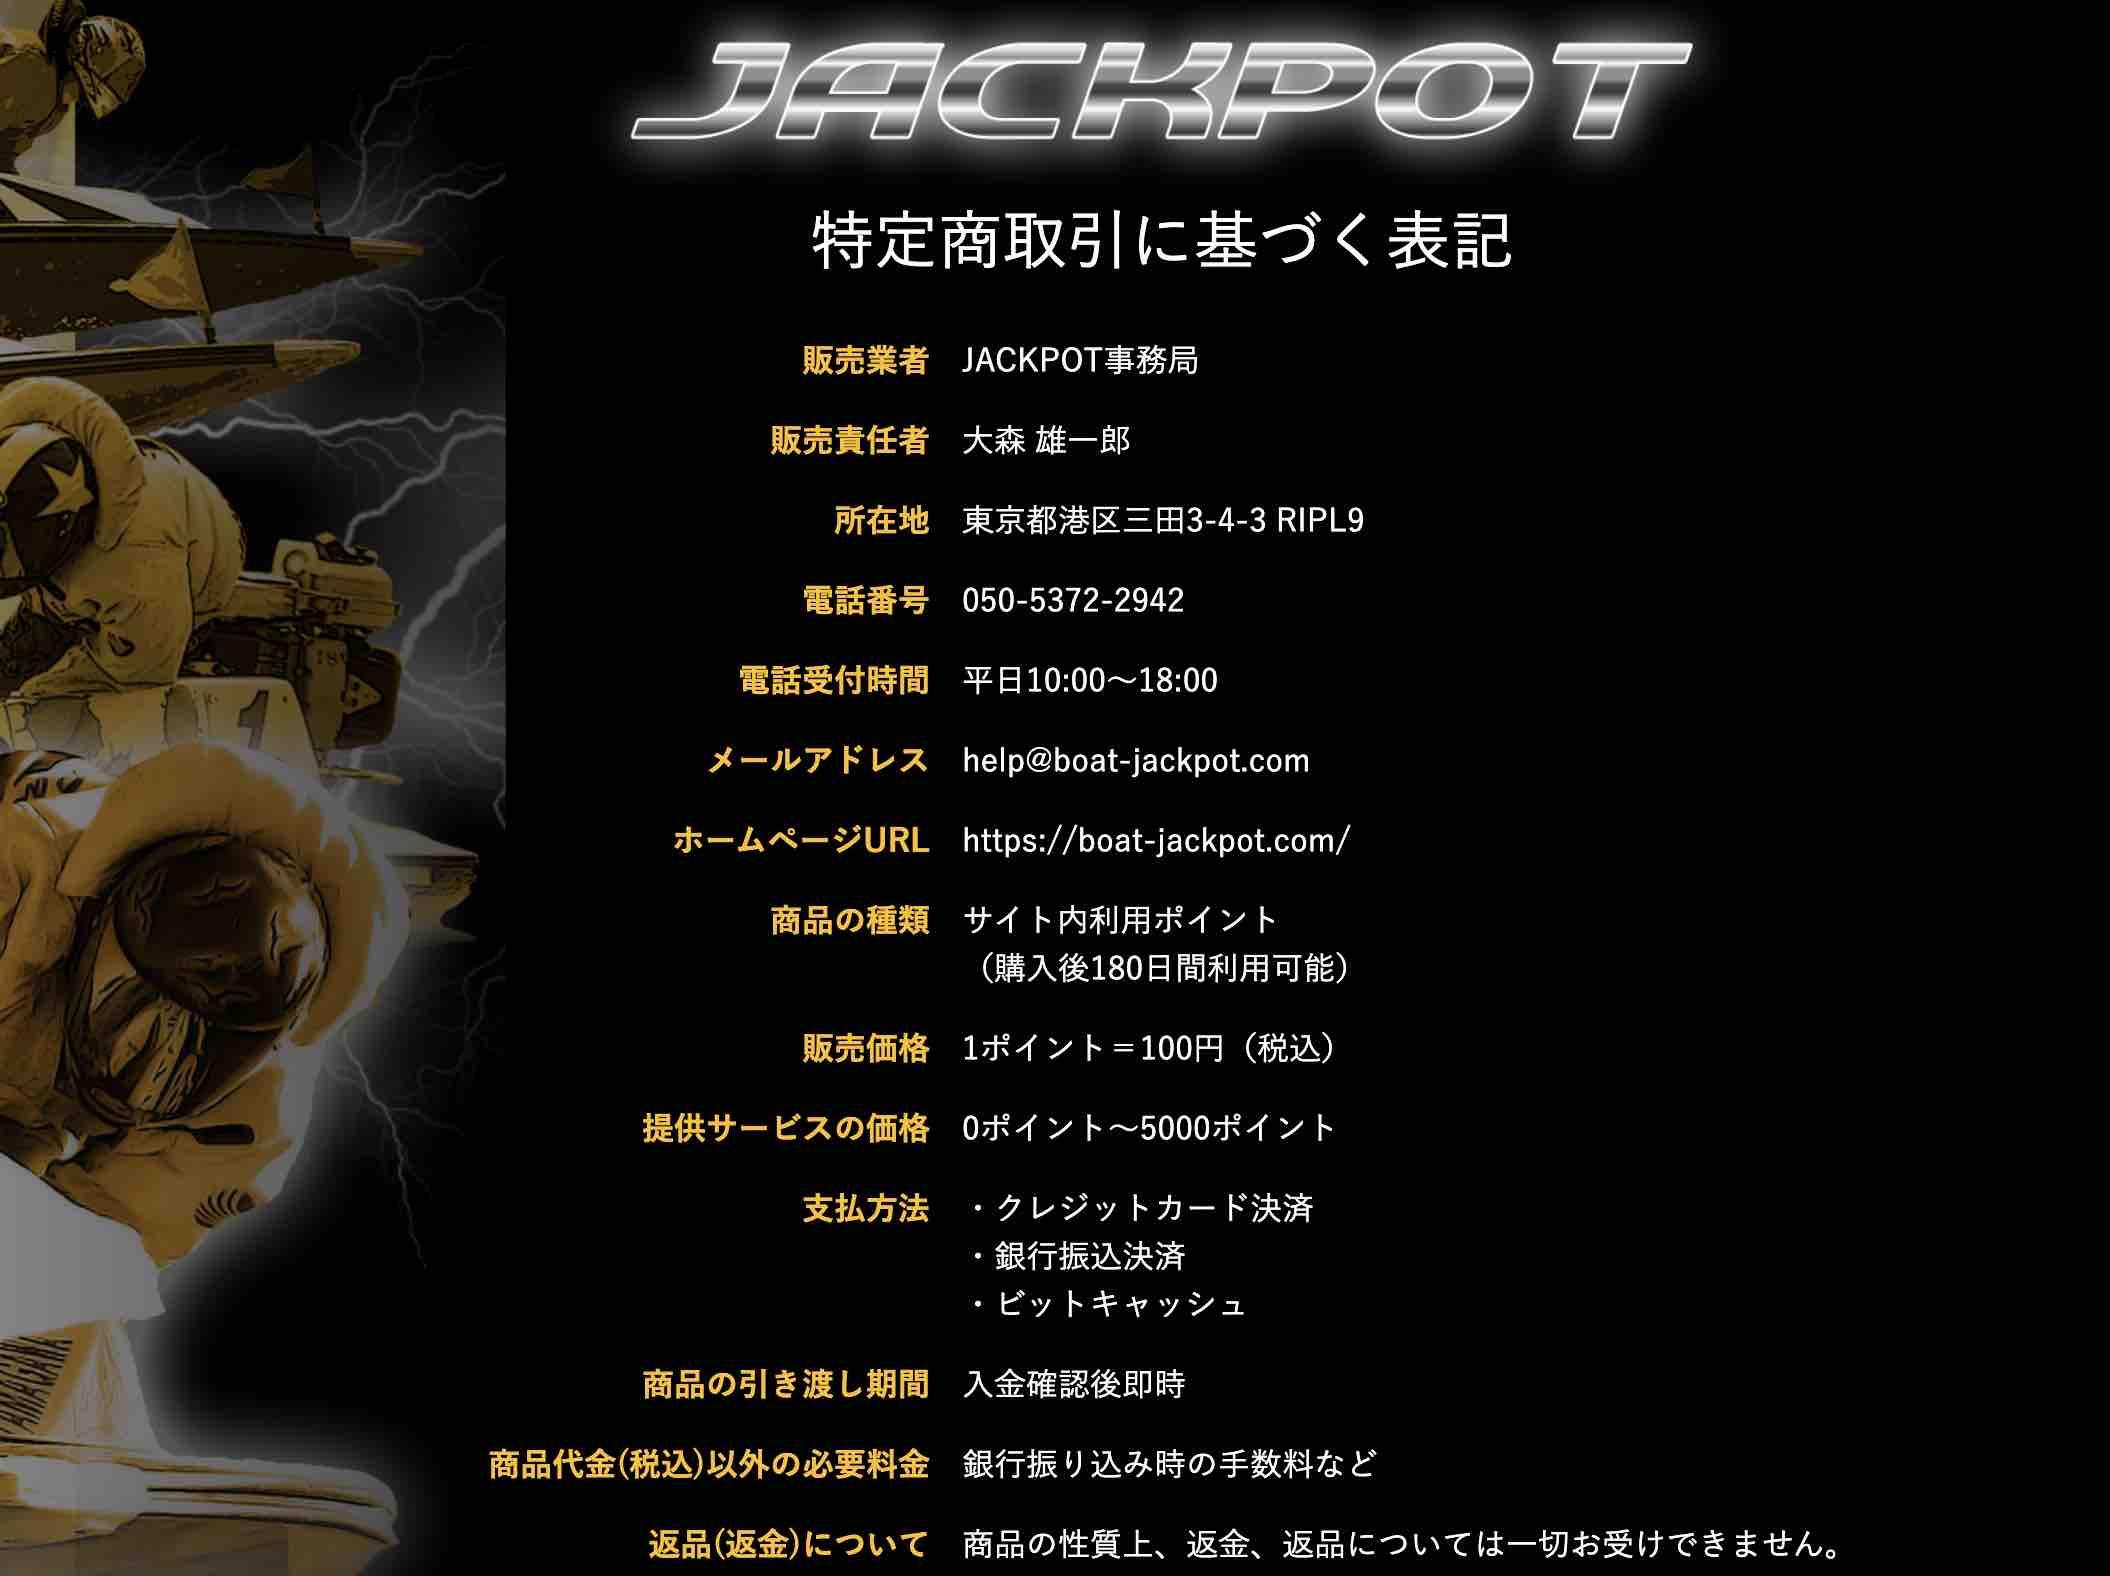 競艇ジャックポット(JACKPOT)の運営社情報を検証